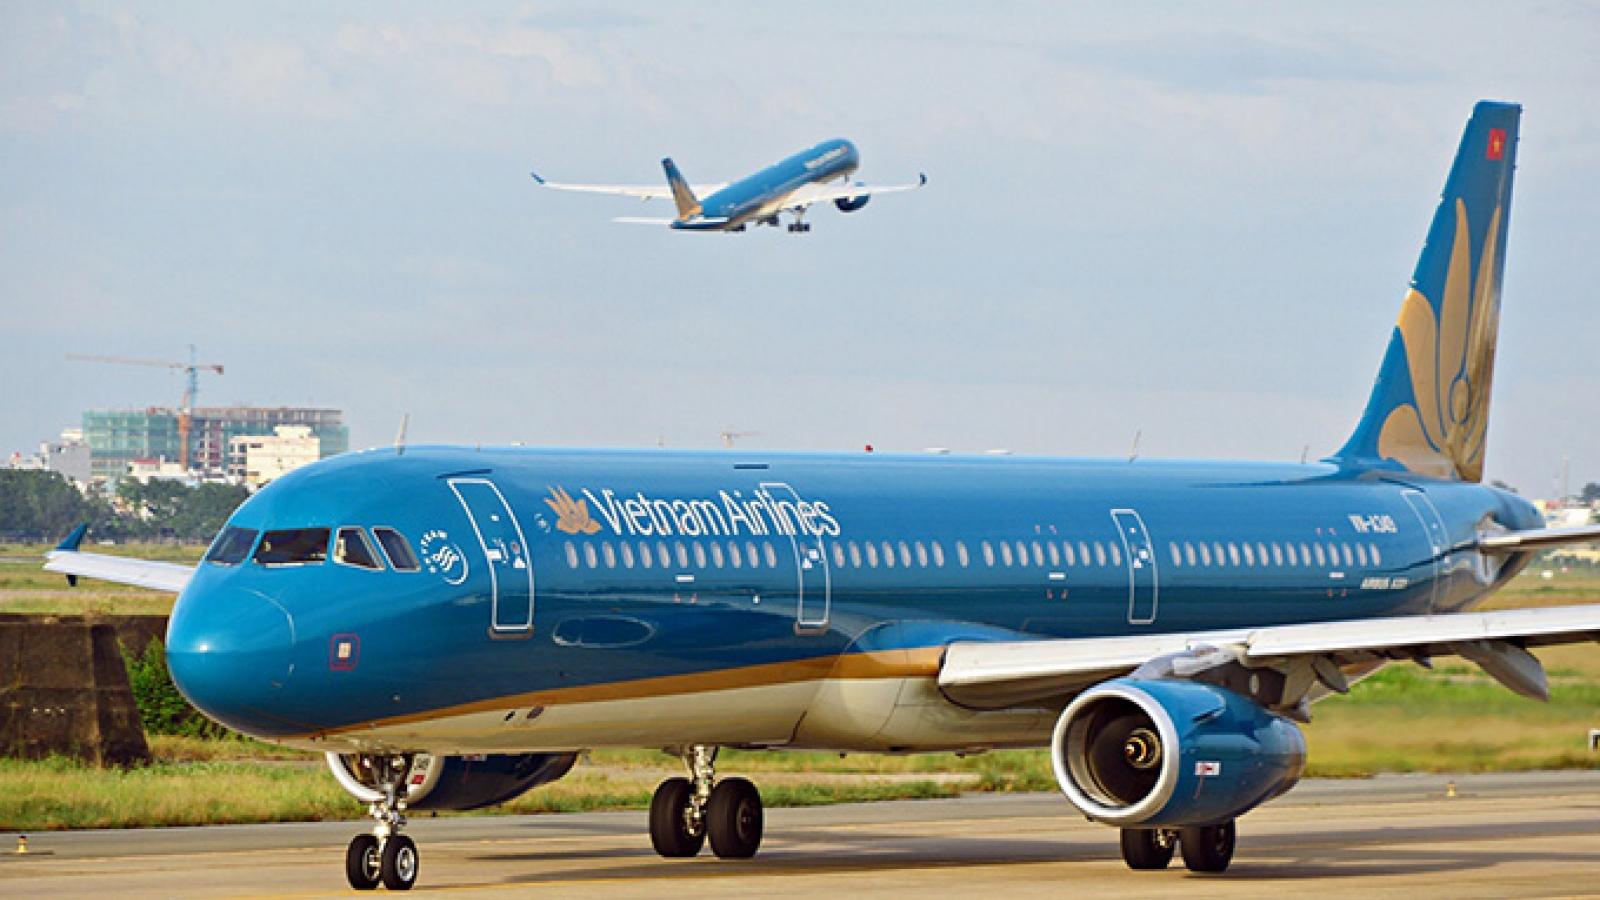 Nhân viên lây nhiễm Covid-19 nơi cách ly, Vietnam Airlines có phần trách nhiệm?